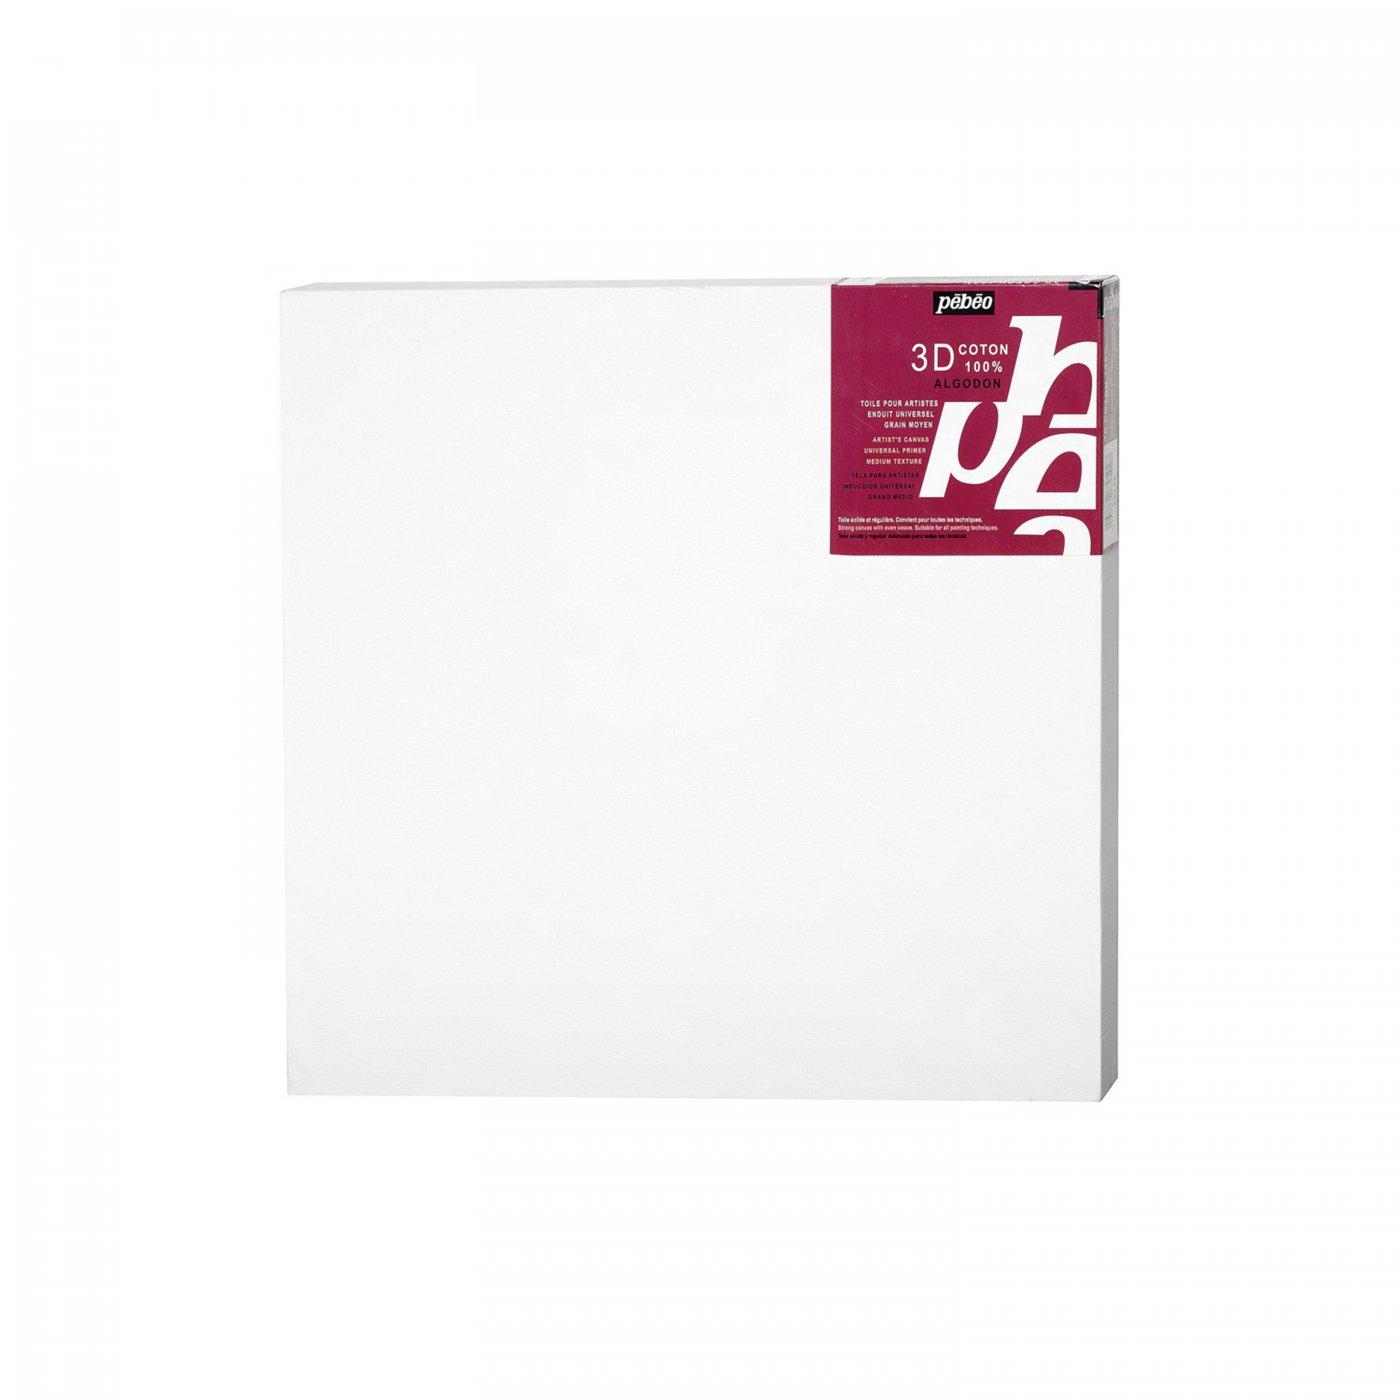 Malířské plátno PÉBÉO 3D bílé - 50x50 cm